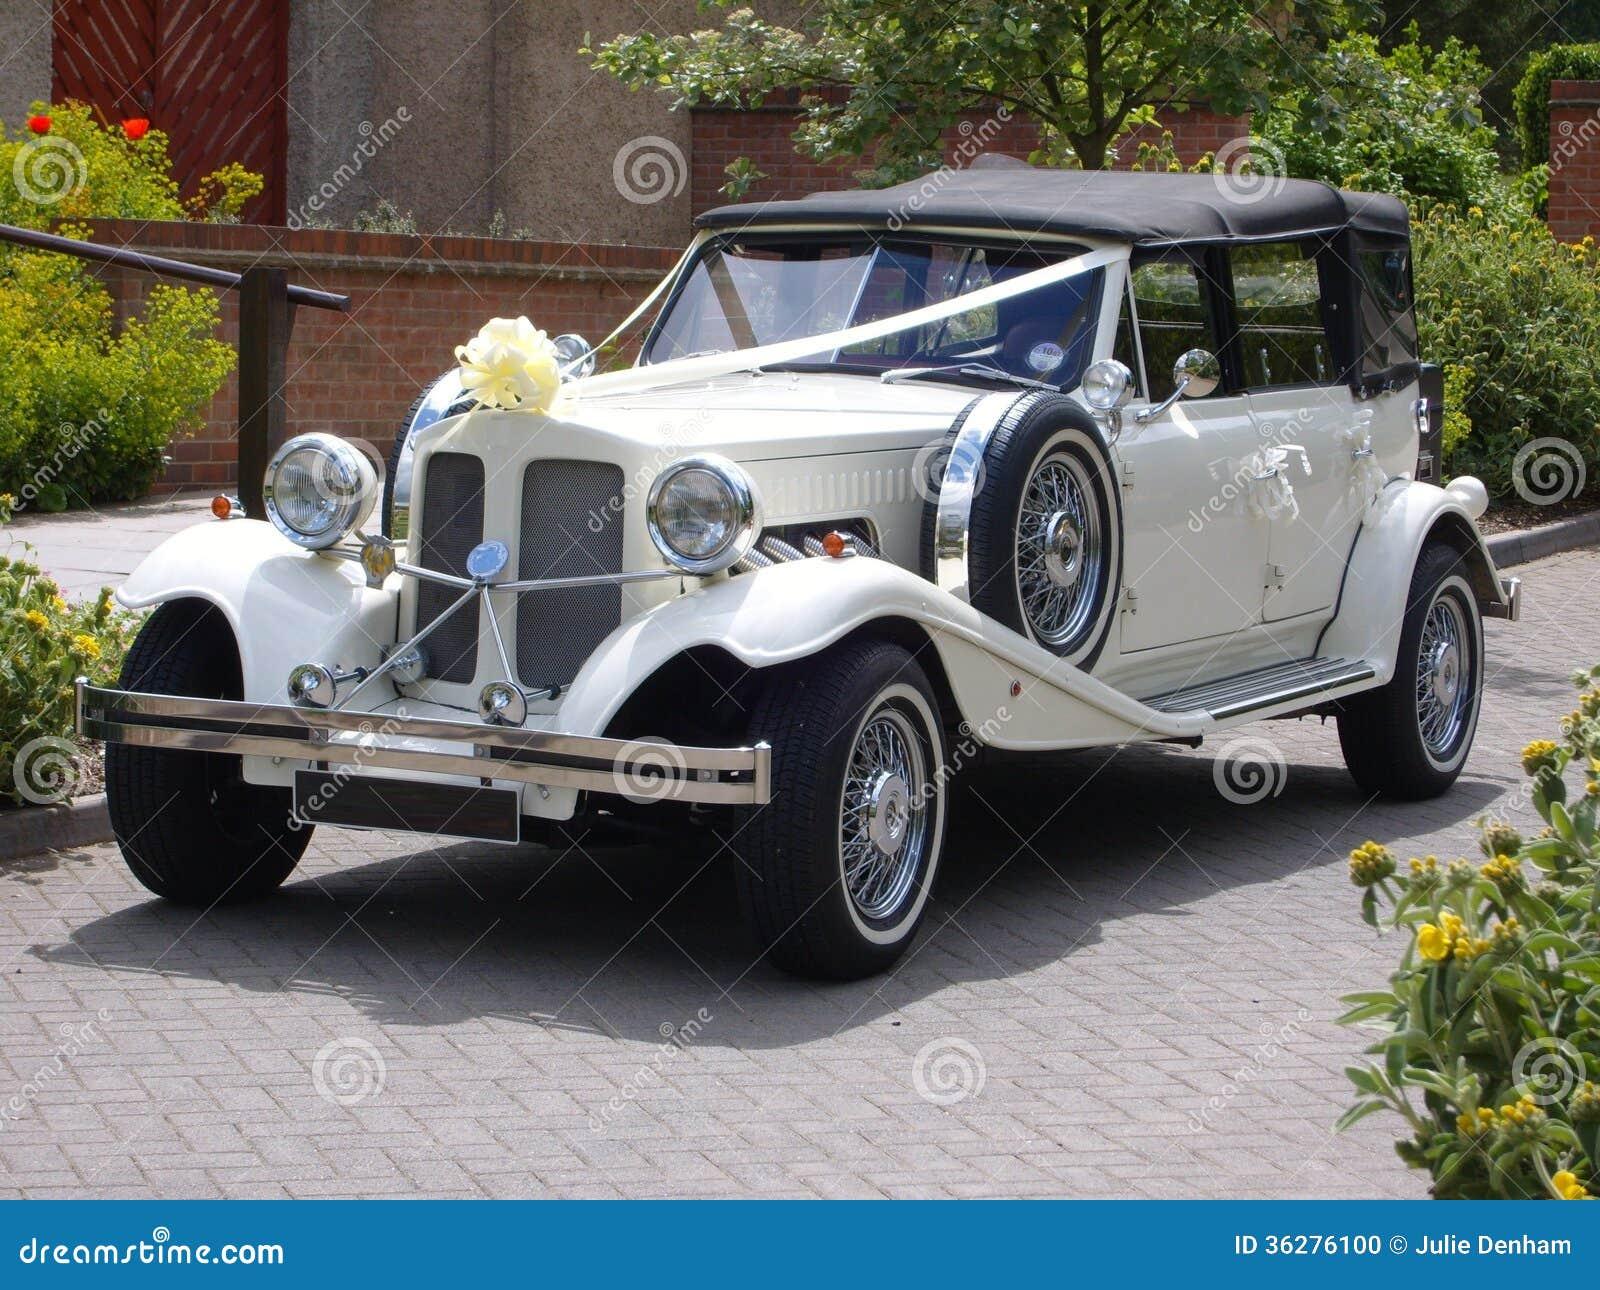 vintage wedding car stock photo image 36276100. Black Bedroom Furniture Sets. Home Design Ideas